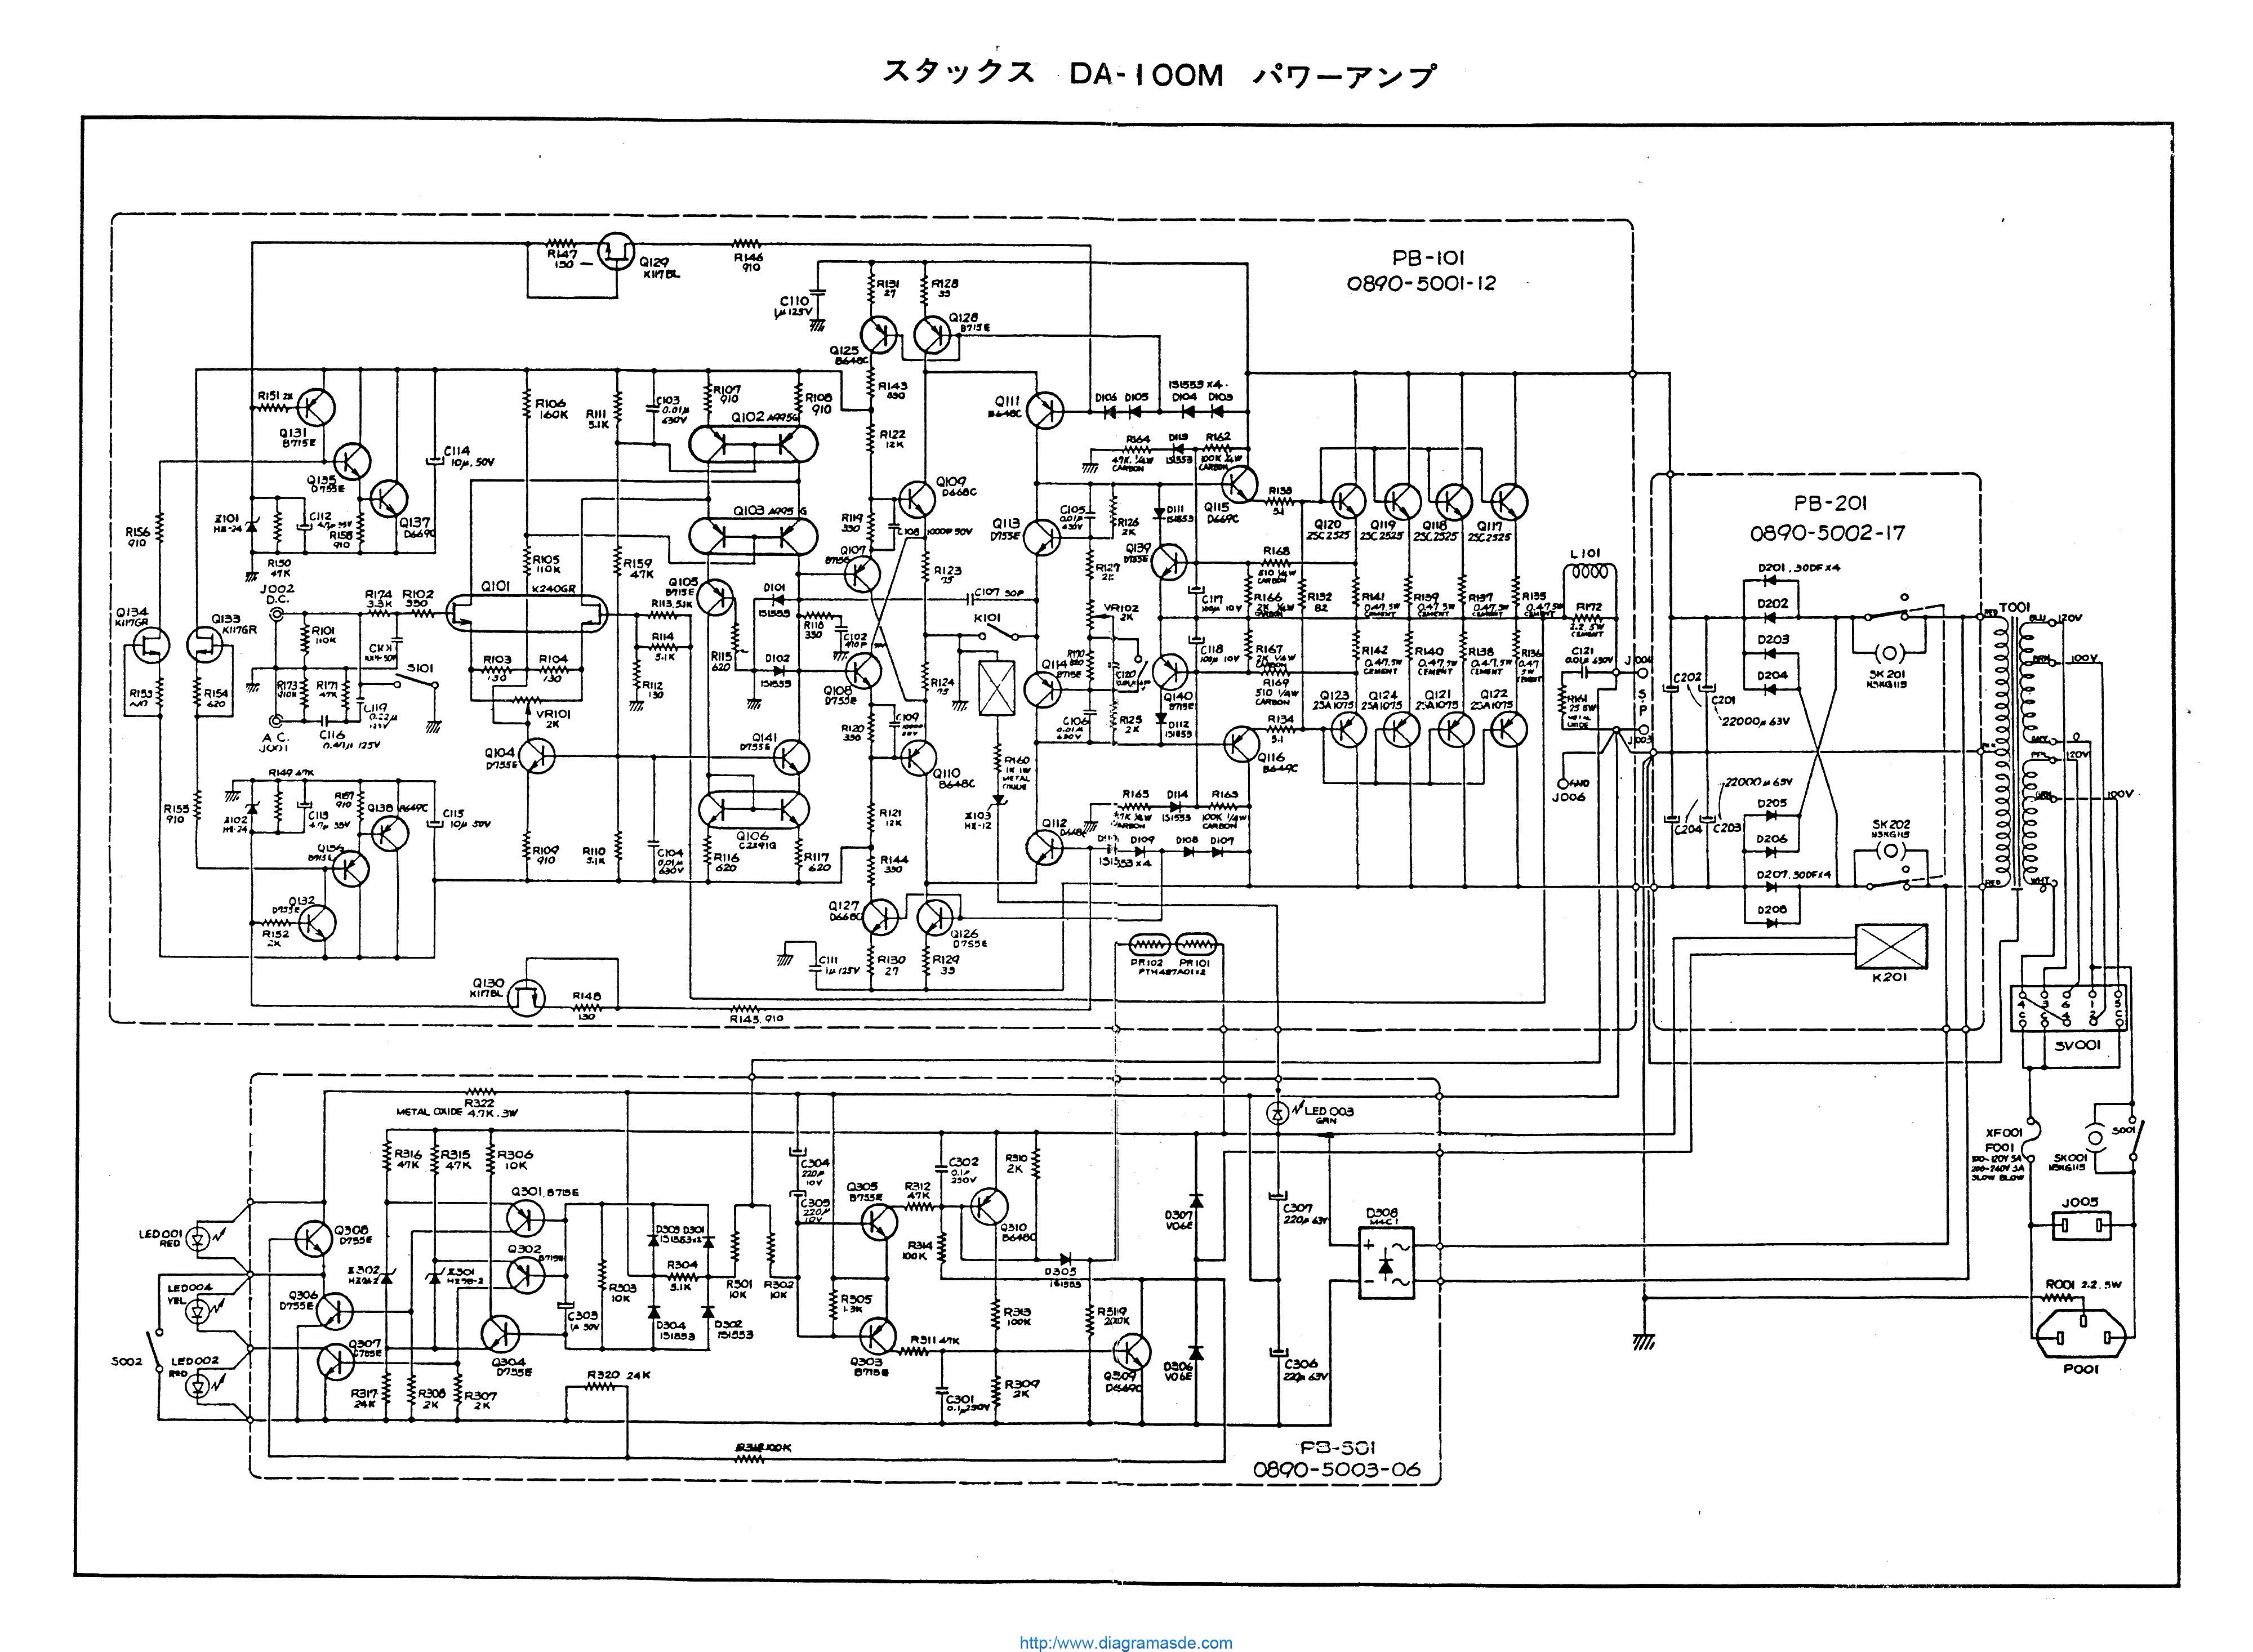 diagramasde diagramas electronicos y